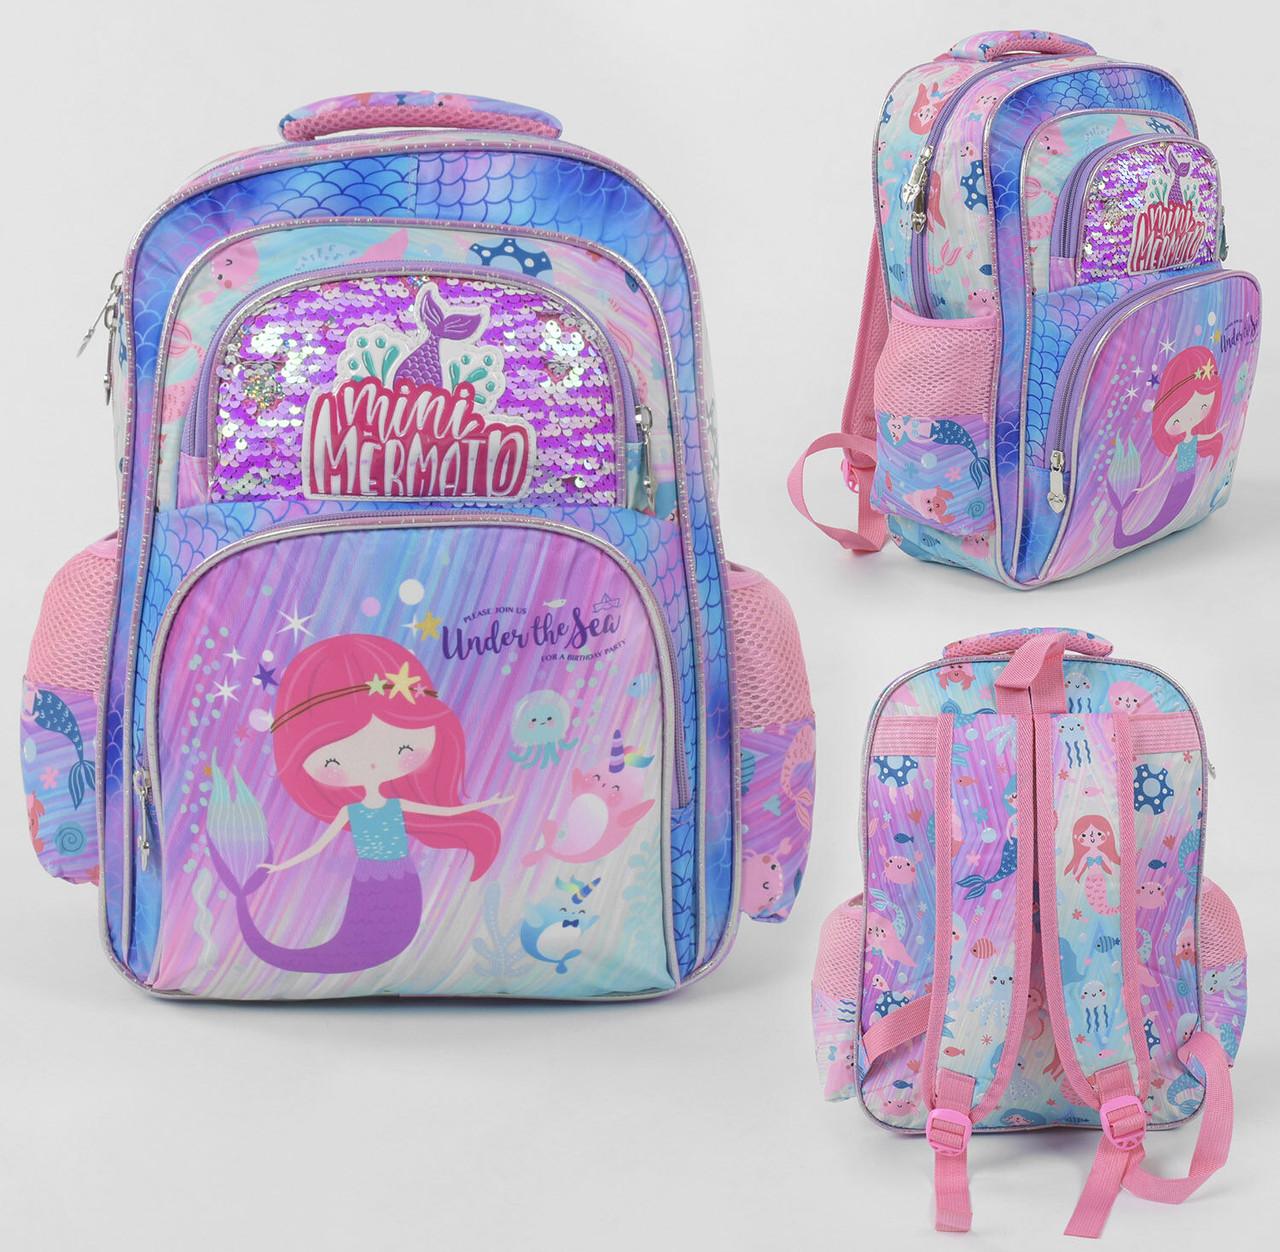 Рюкзак шкільний паєтки, 1 відділення, 2 кишені, м'яка спинка, в пакеті.